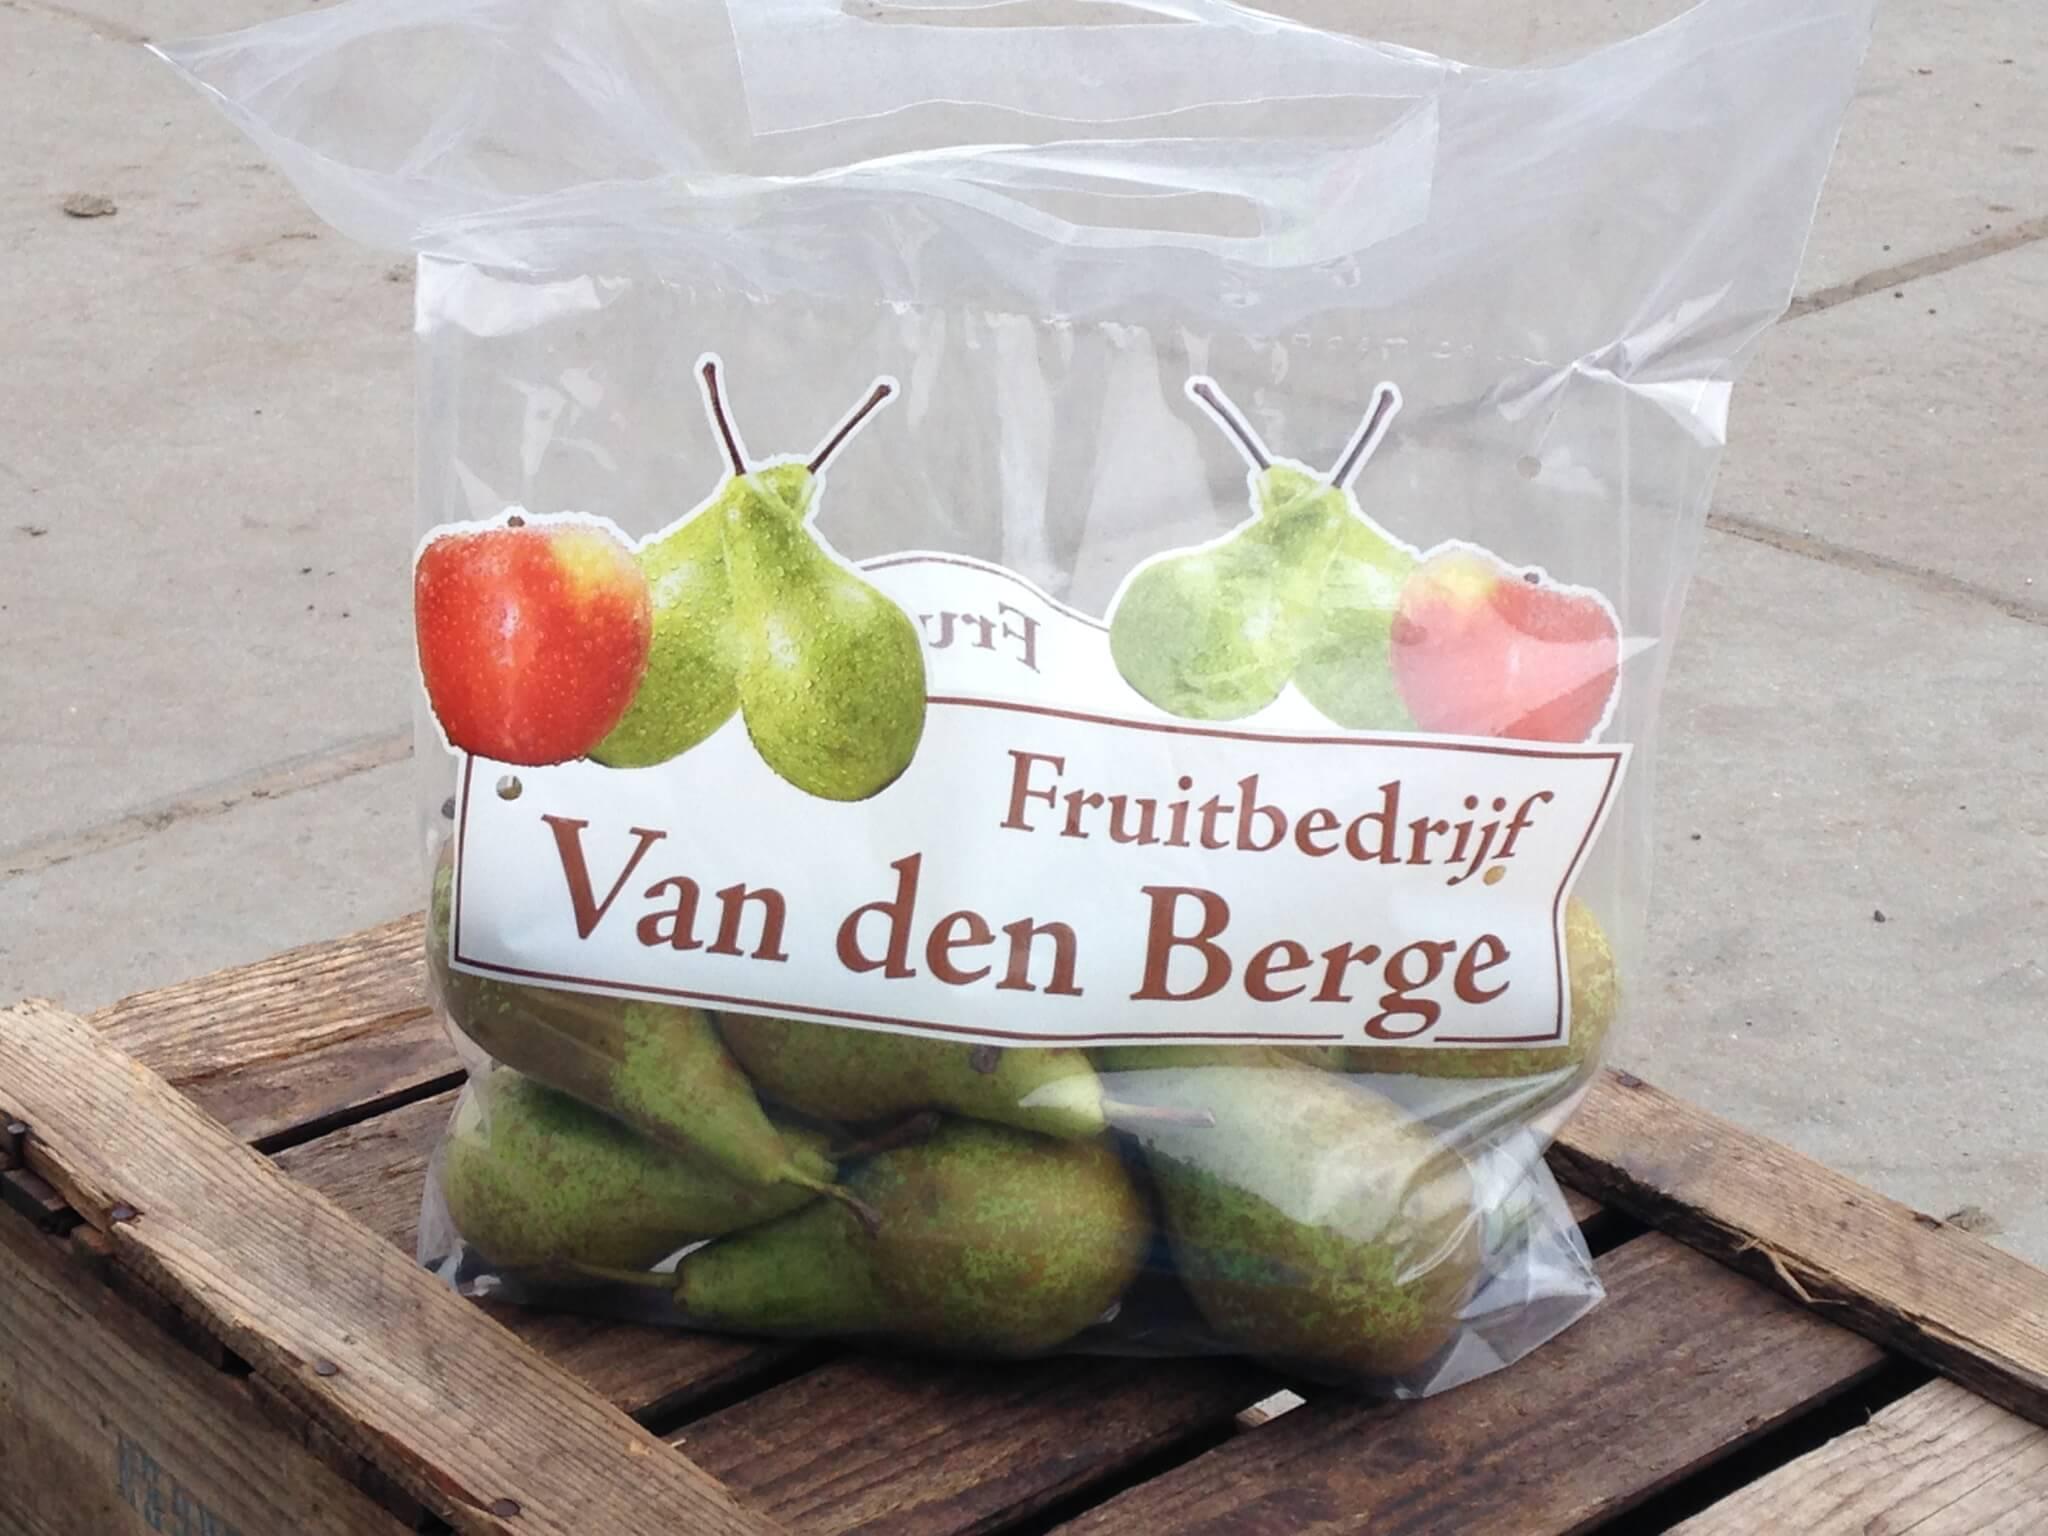 Fruitbedrijf van den Berge: tasje conference